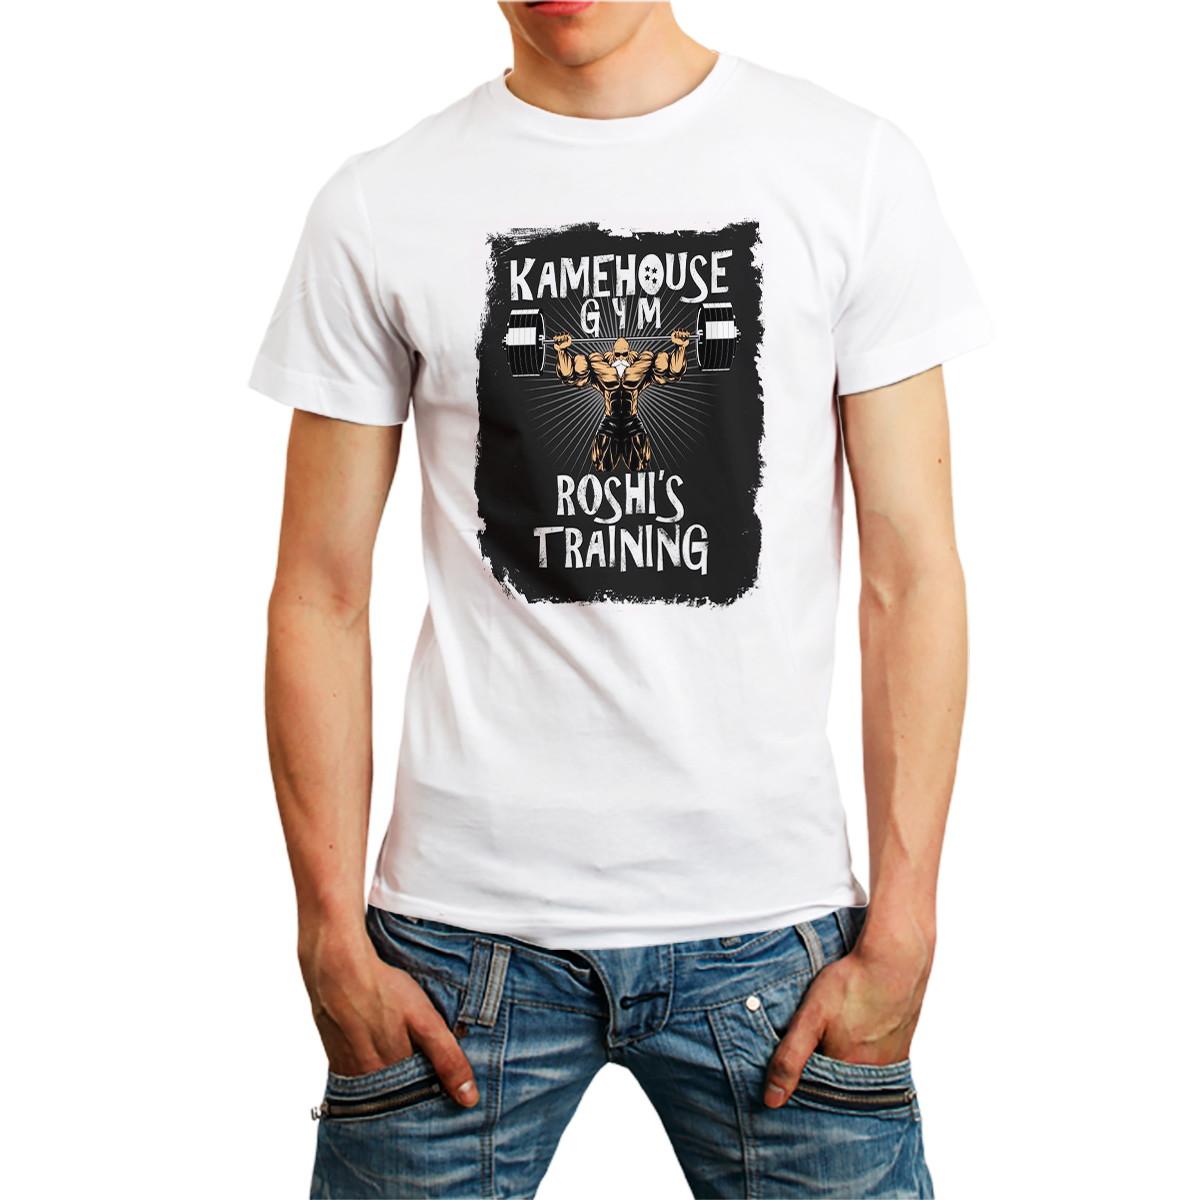 2868a8562 Camiseta Academia Fitness Roupa Camisa Masculina Branca no Elo7 ...